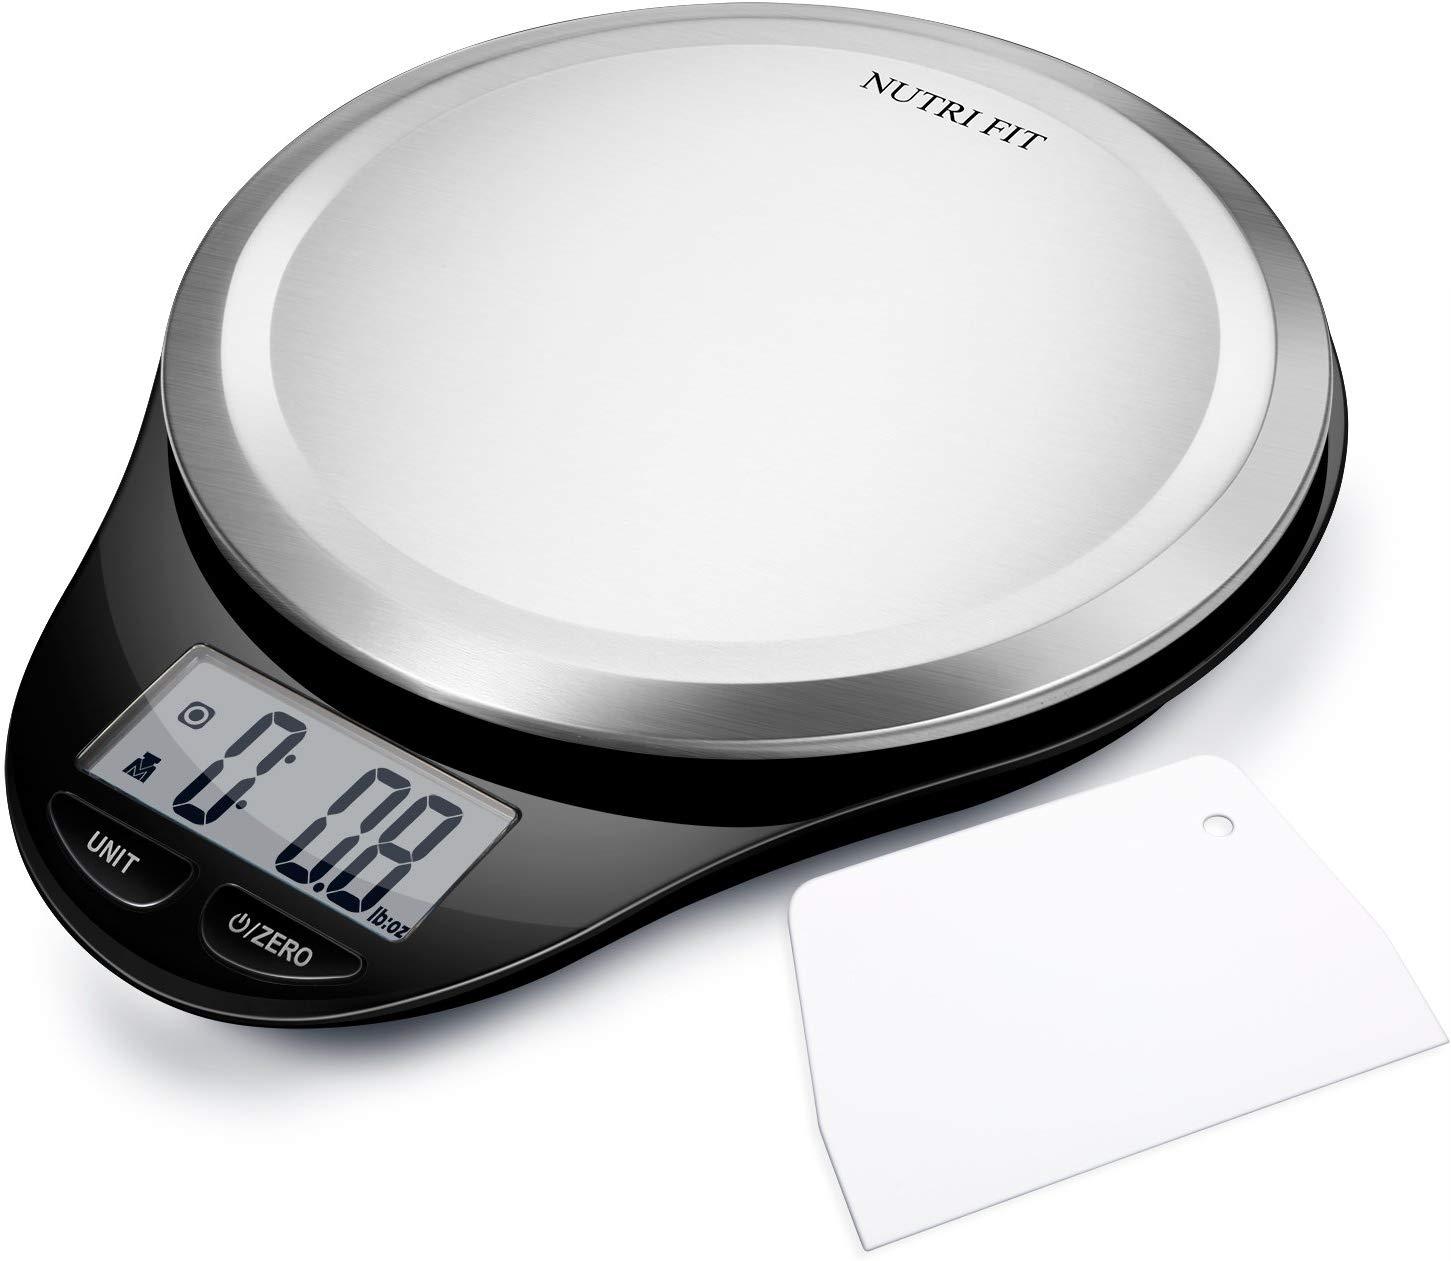 Digital Kitchen Scale with Dough Scraper $6.66AC